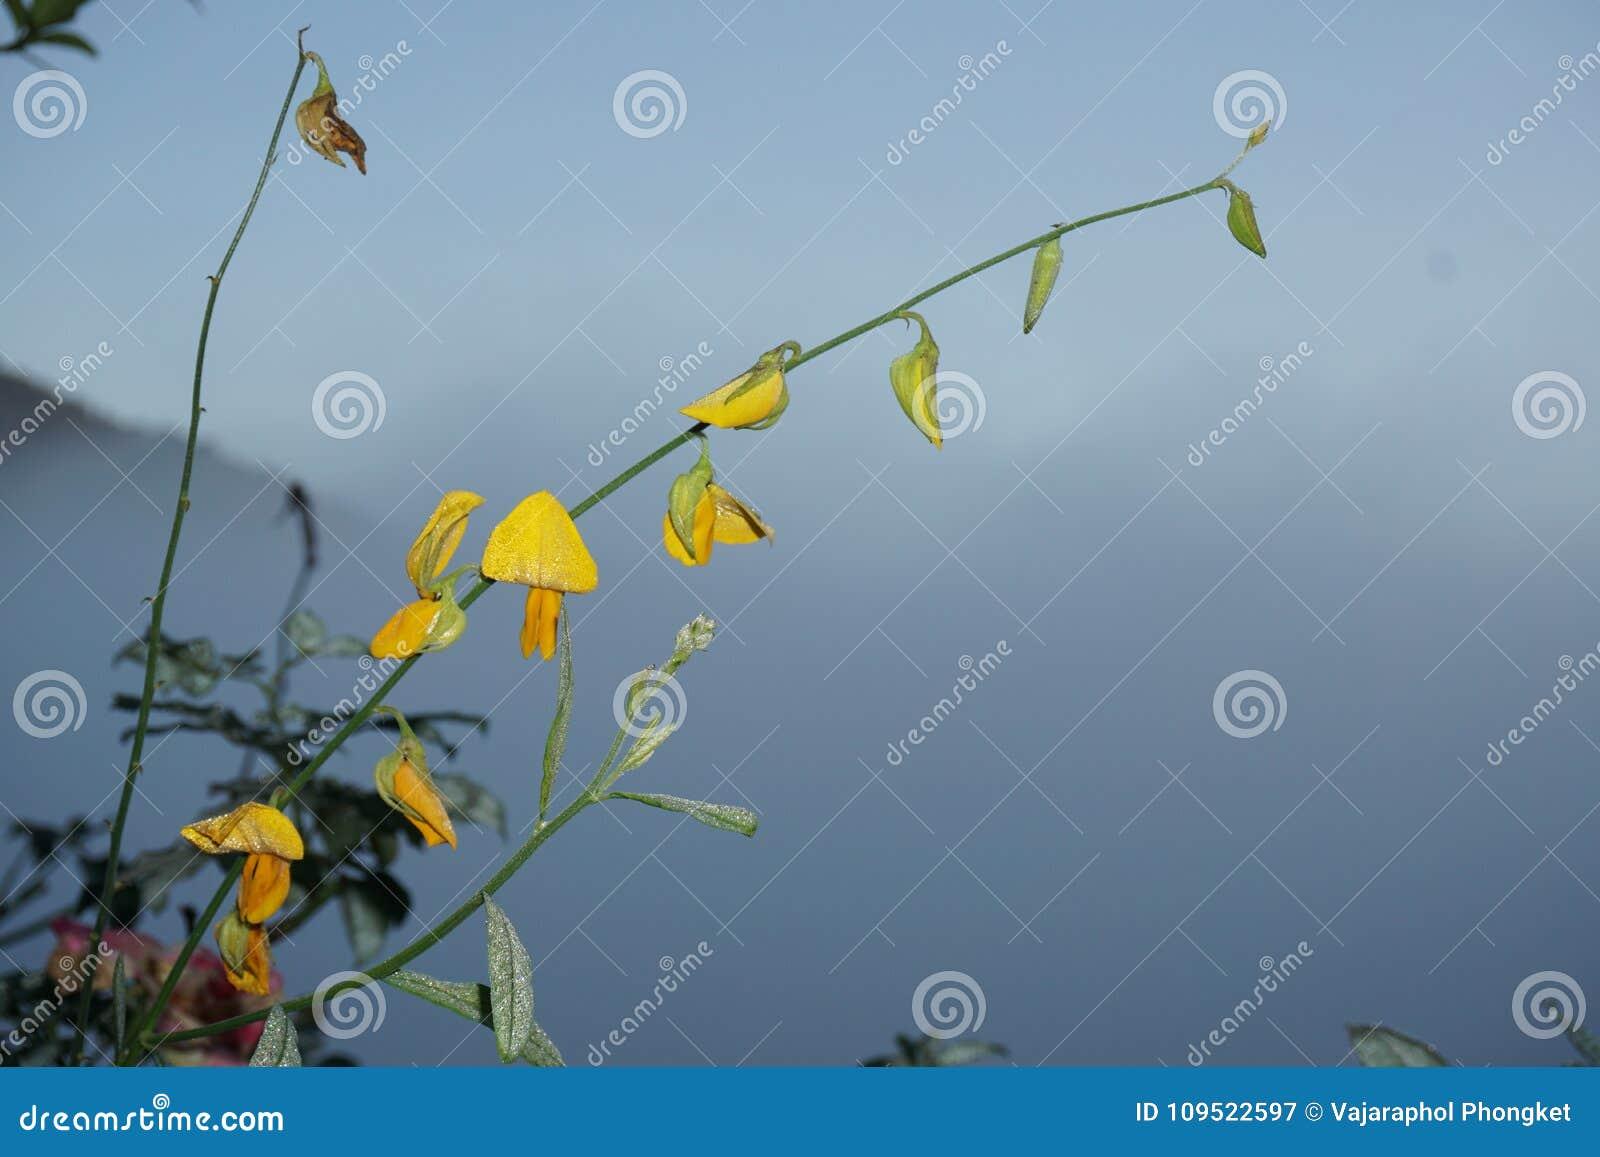 Zbliżenie żółty kwiat sunhemp lub Crotalaria juncea w naukowym imieniu